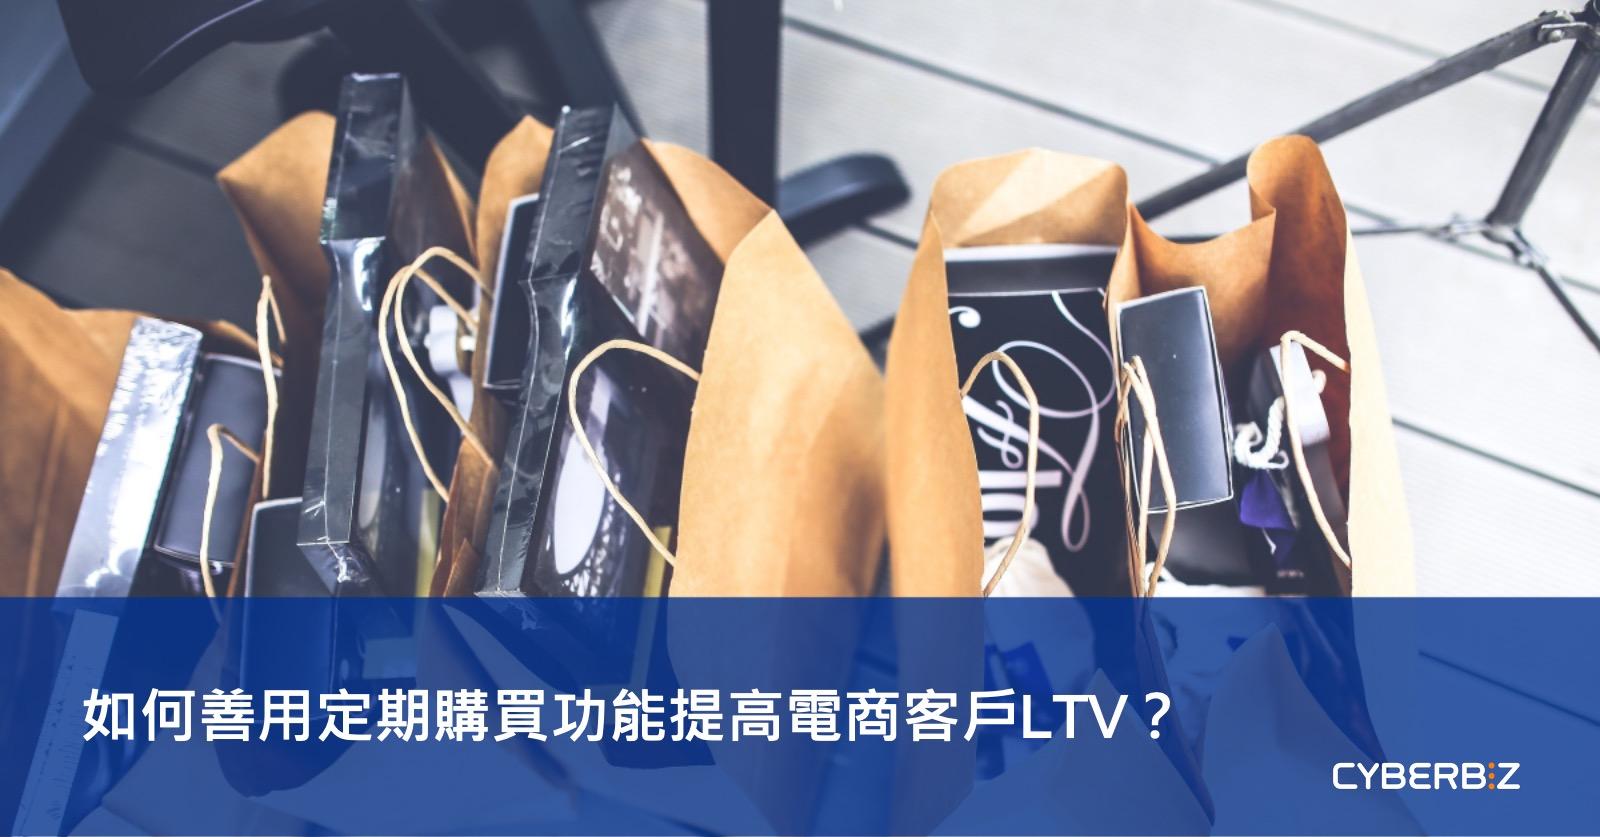 如何善用定期購買功能提高電商客戶LTV?